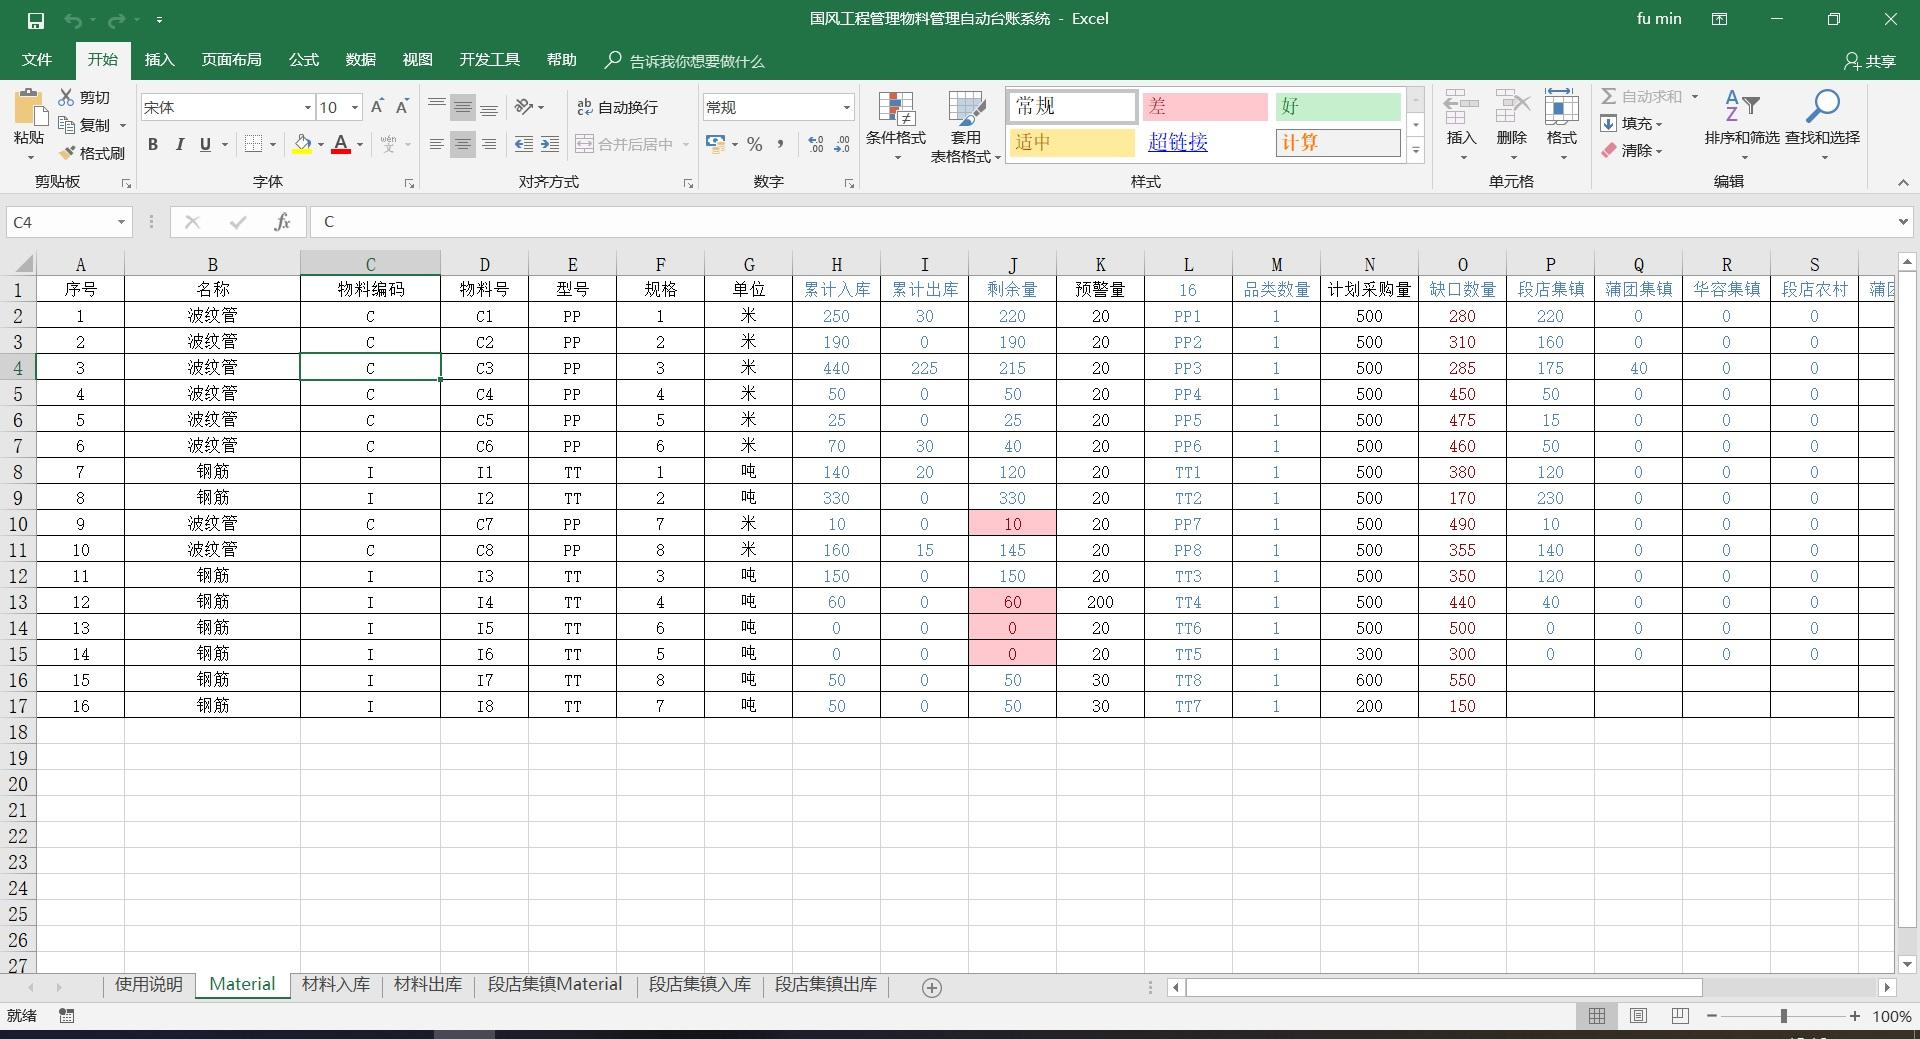 国风仓储管理自动台账系统Build 20180810 官方版